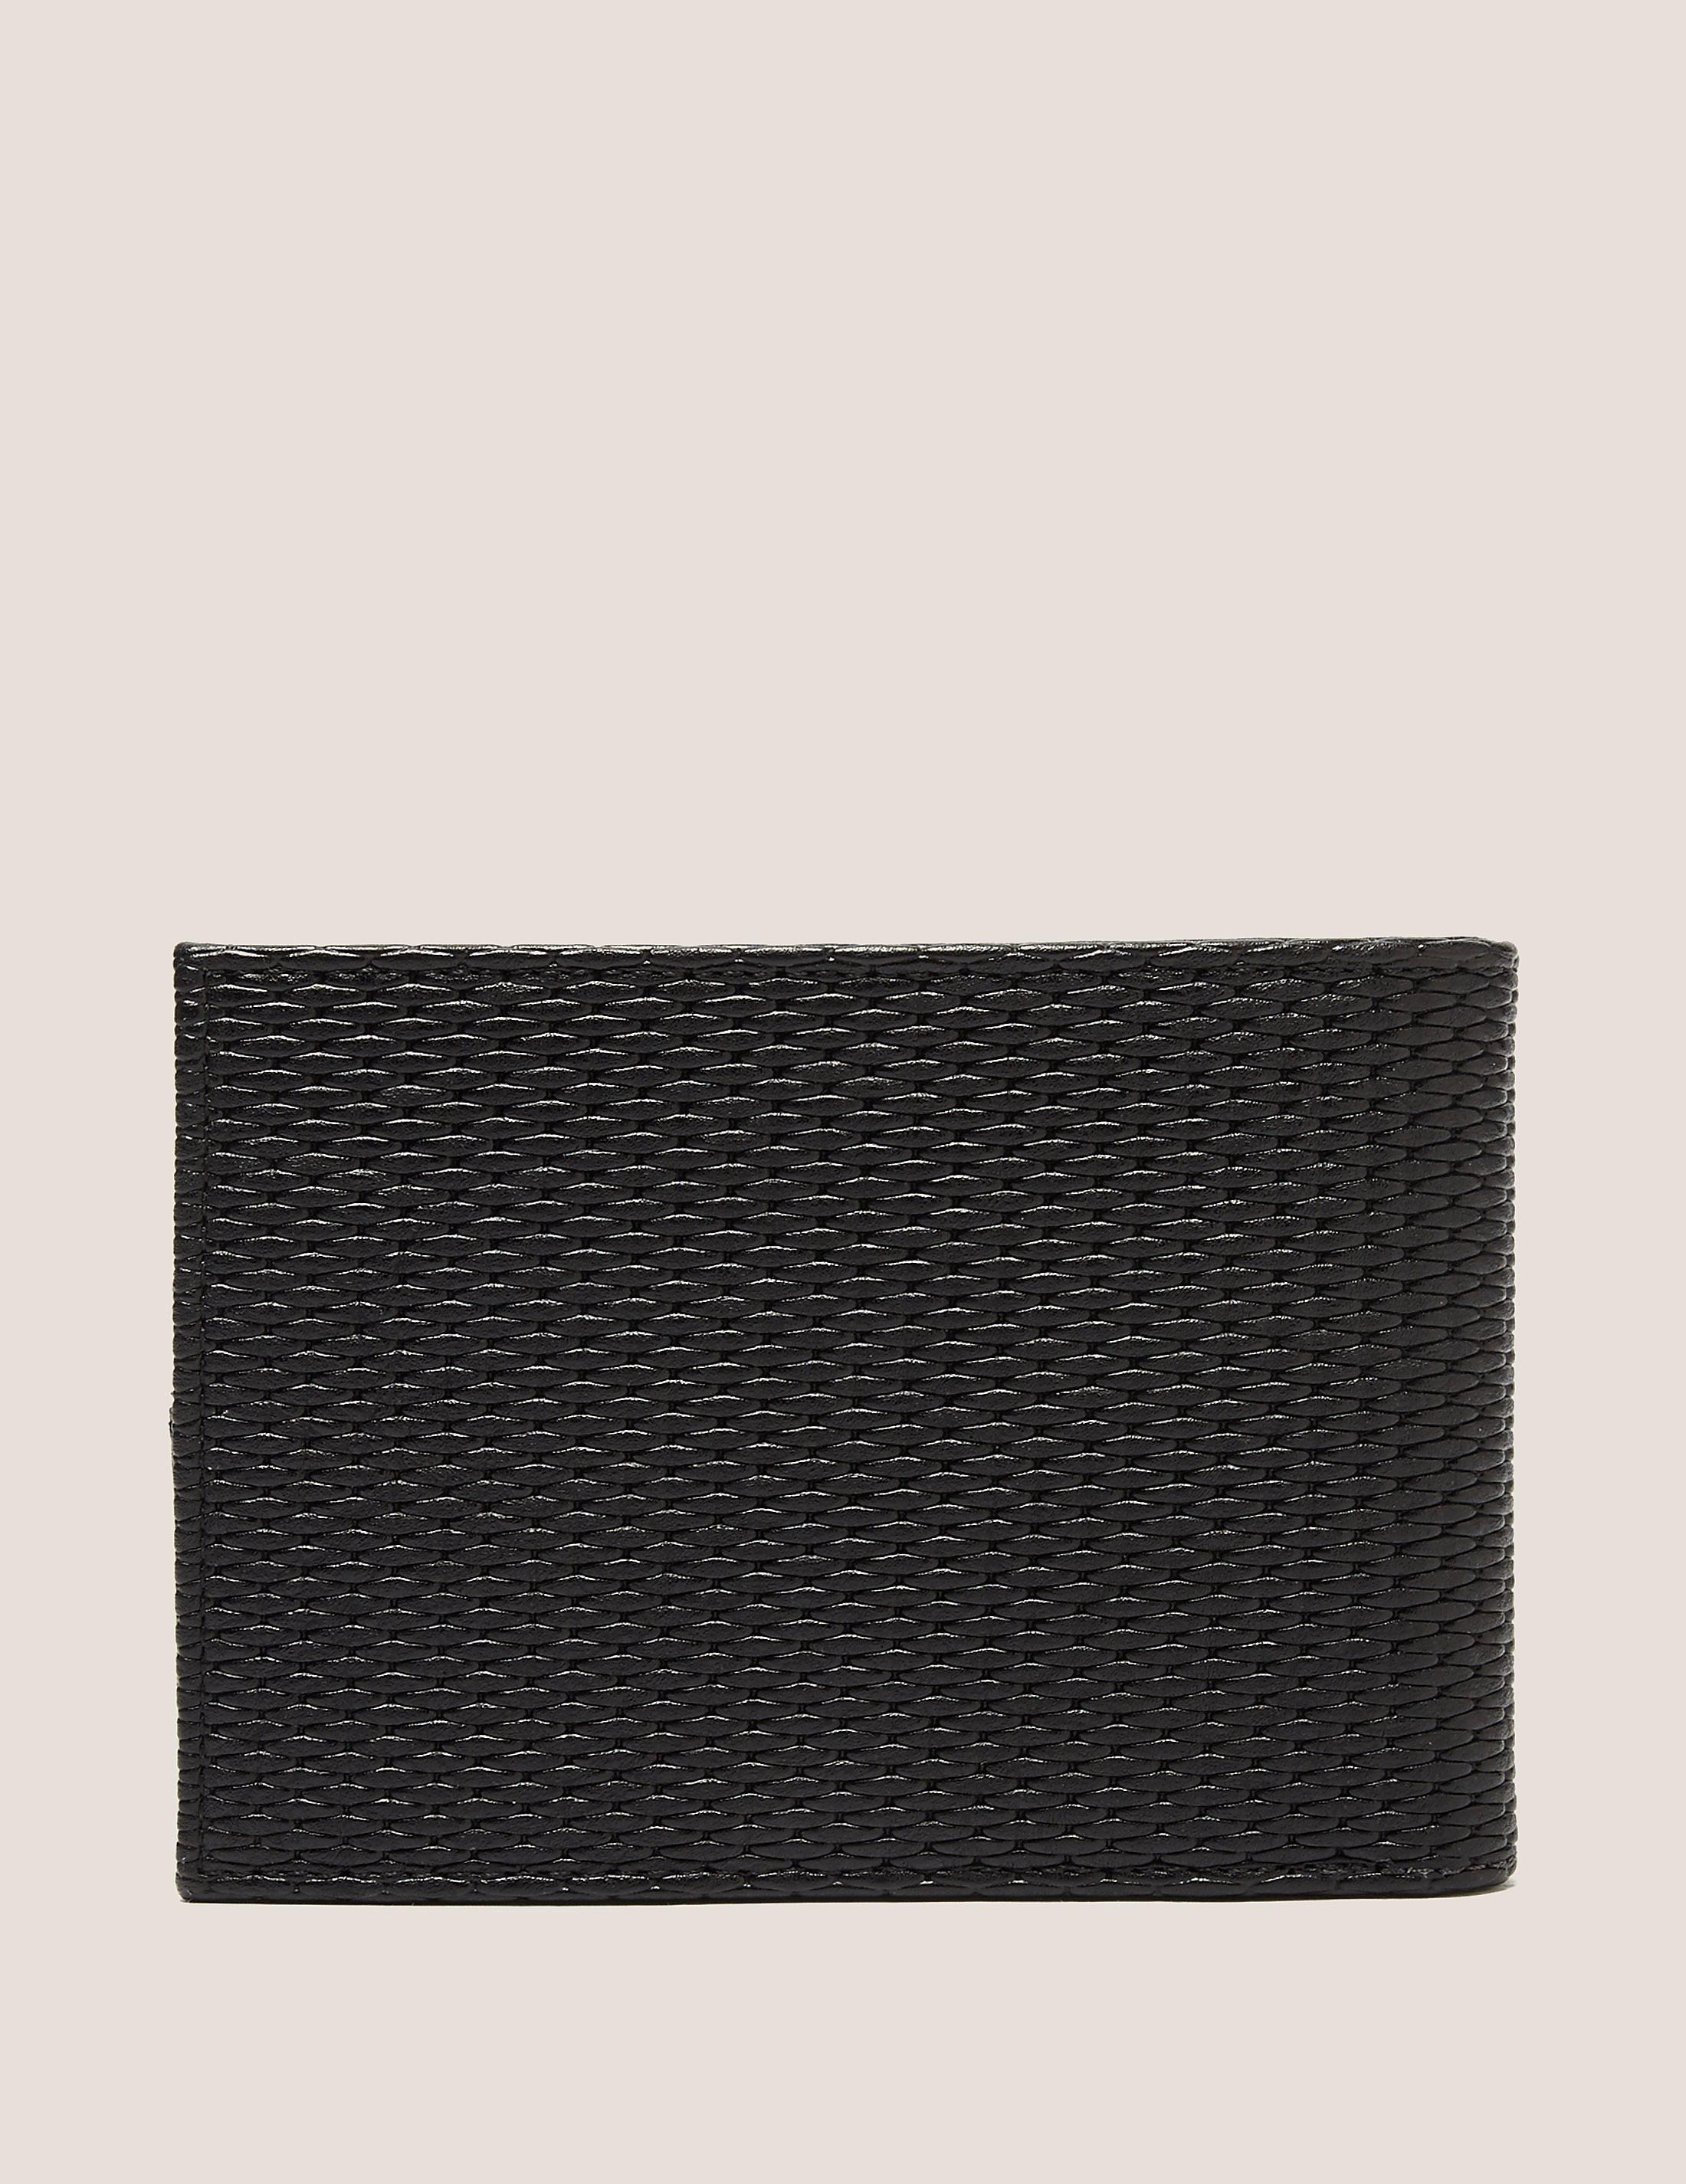 Armani Jeans Billfold Wallet